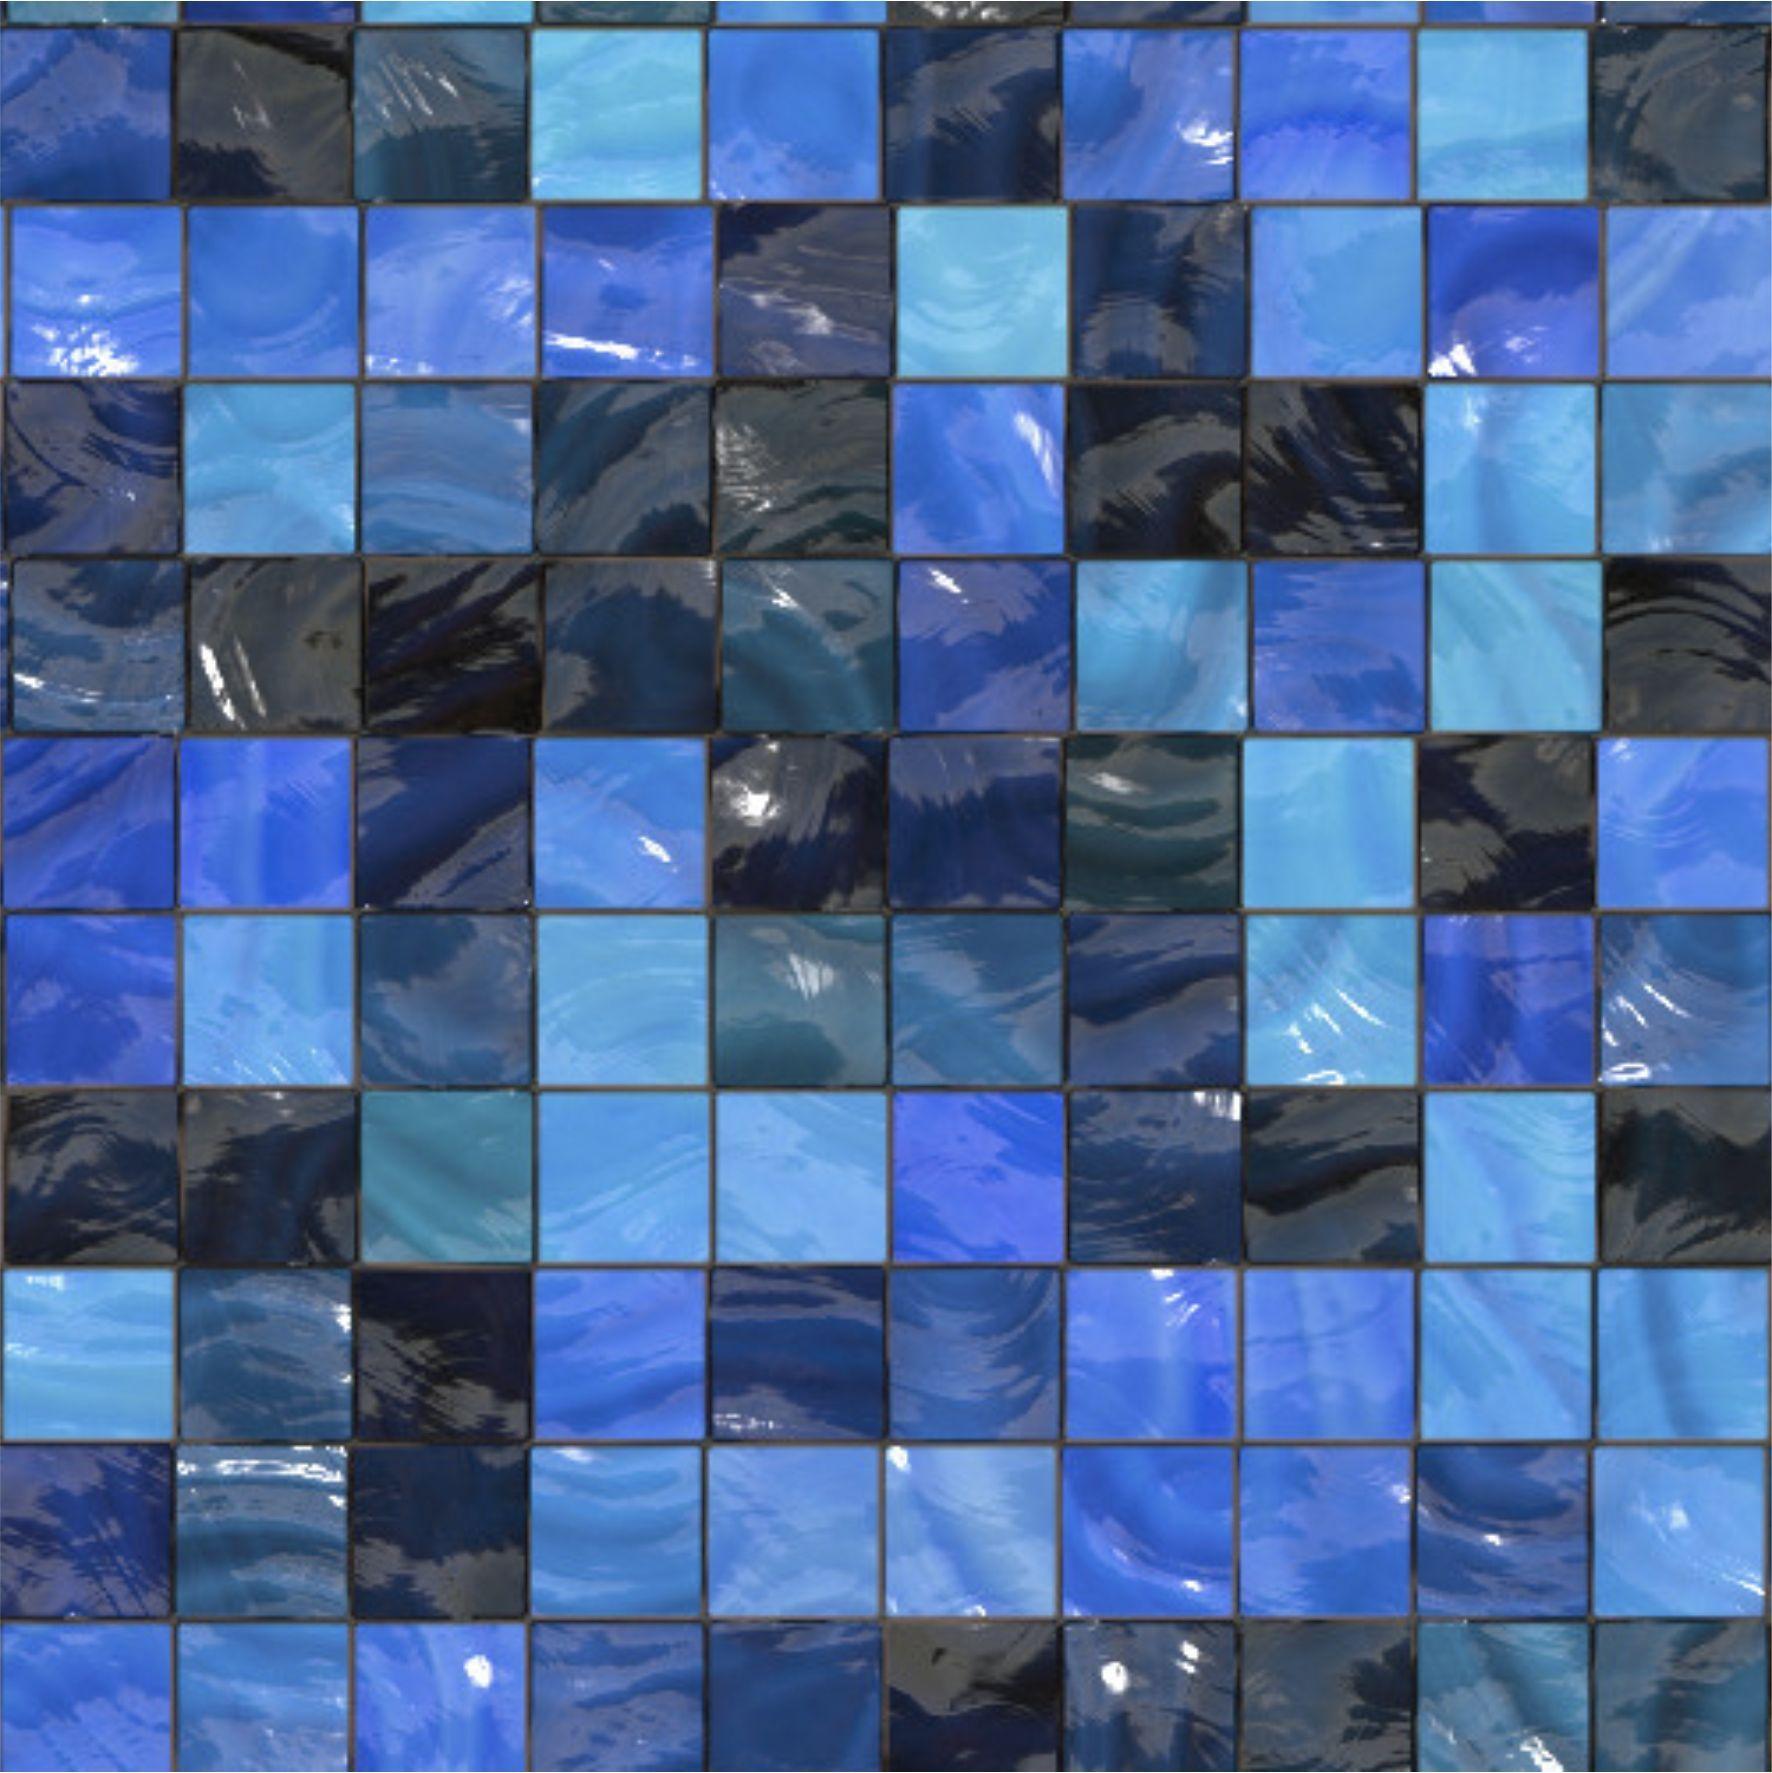 Kit Adesivo Pastilha Azul Frete Grátis On The UAU Adesivos #1F6FAC 1772x1773 Banheiro Com Pastilha Azul E Branco